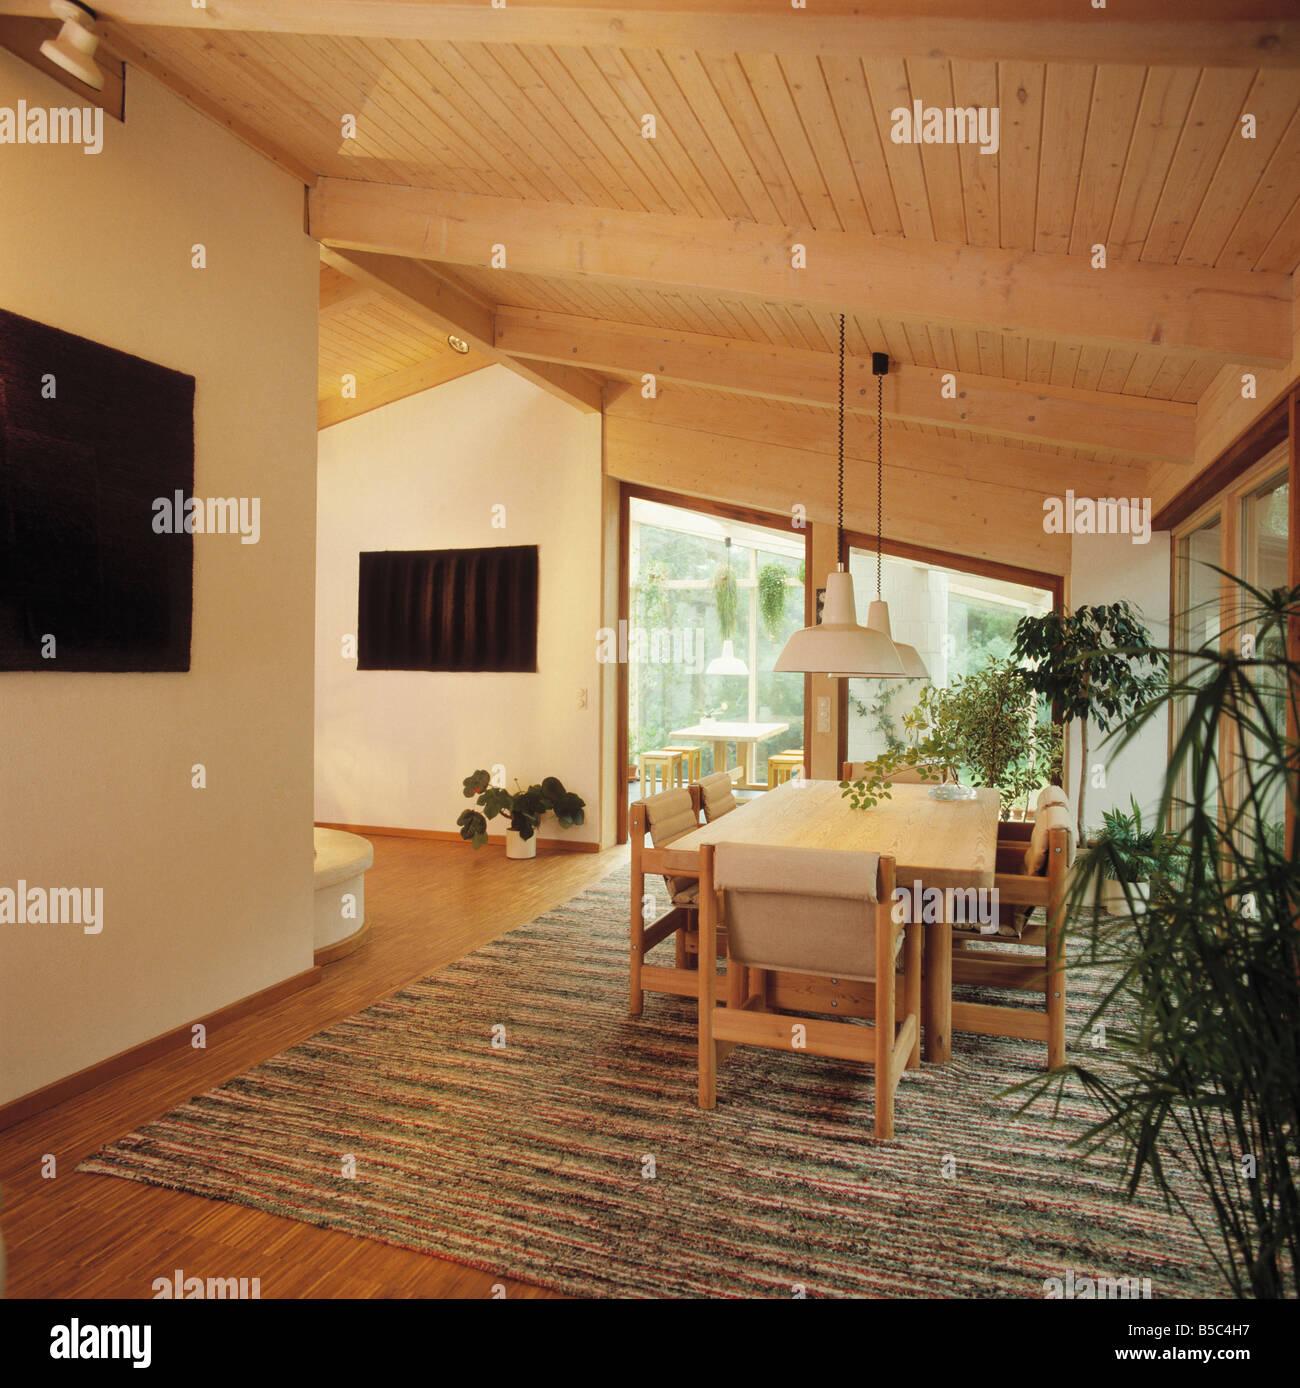 holz boden und decke modern interieur, holzstühle und weißen tisch in modernen weißen esszimmer mit holz, Design ideen